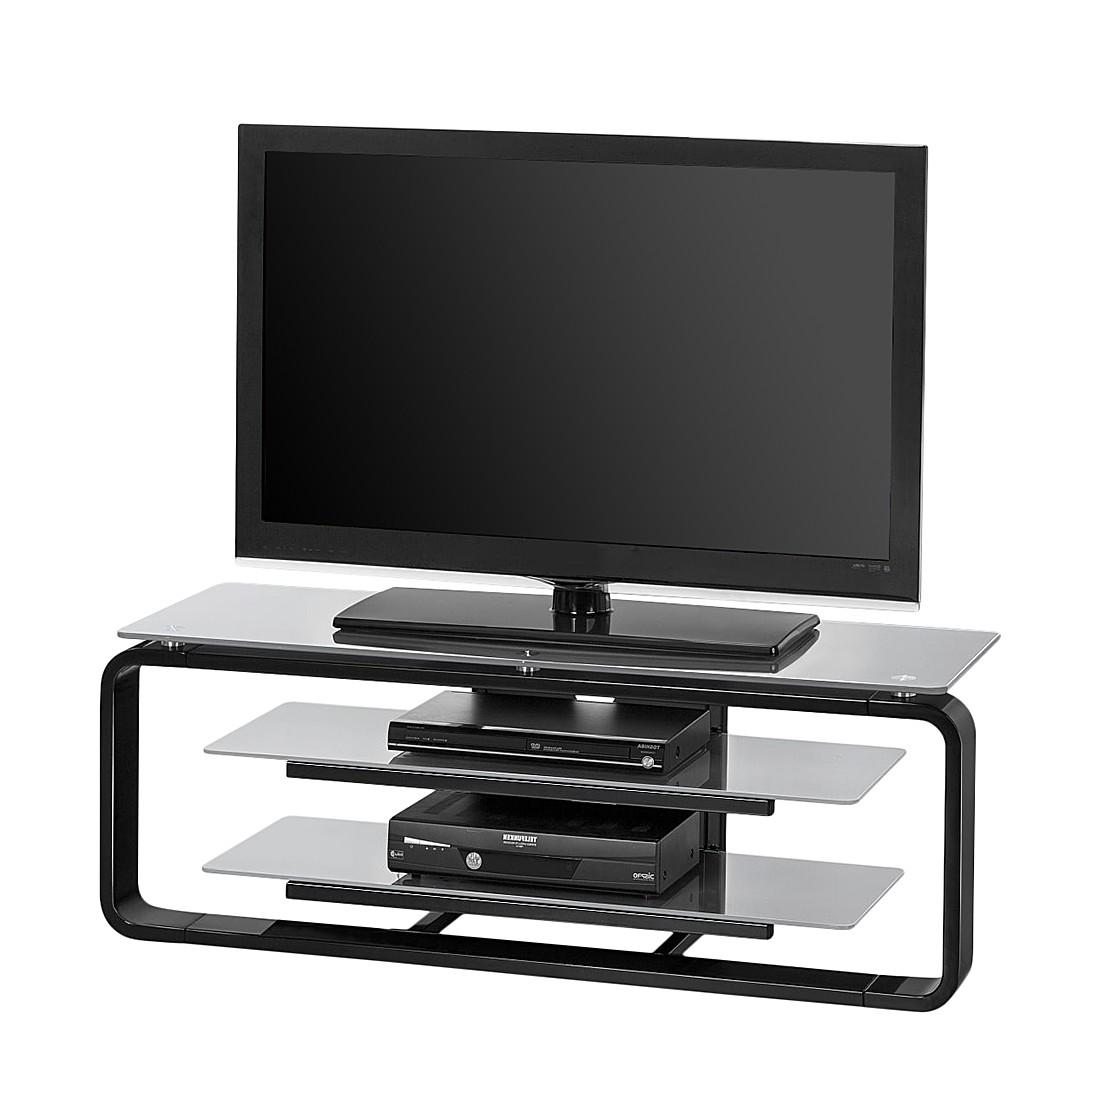 glas tv schwarz preisvergleich die besten angebote. Black Bedroom Furniture Sets. Home Design Ideas